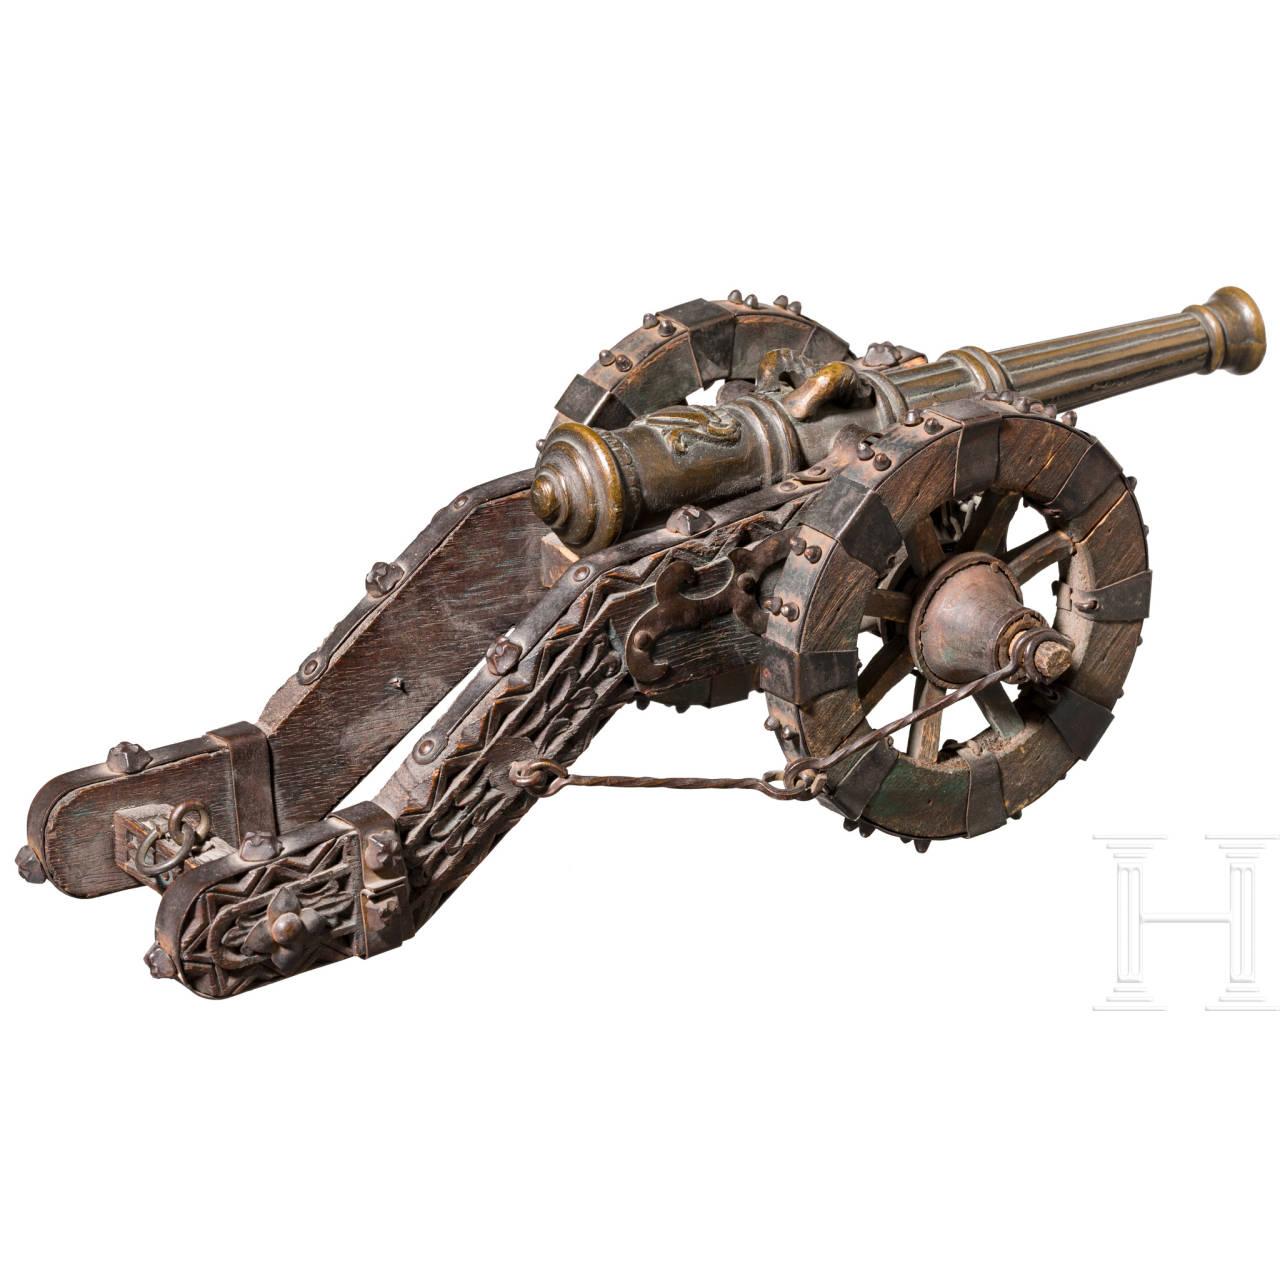 Miniatur-Kanone, im Stil des 16. Jhdts., um 1900